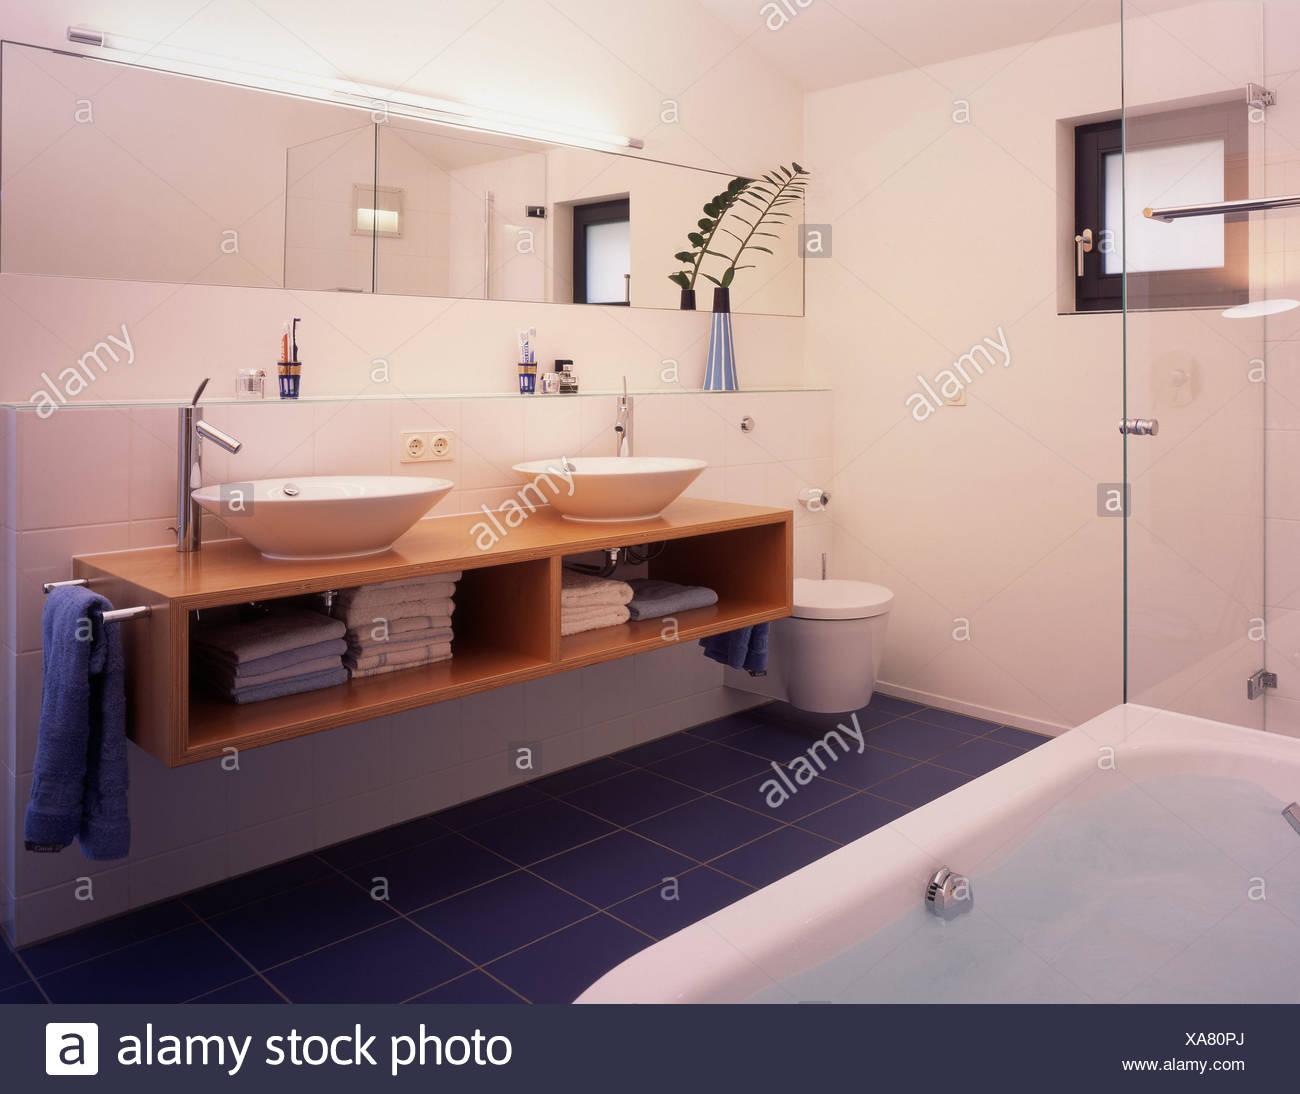 Le stanze da bagno, interior shot, dettaglio, lavandino, vasca da ...